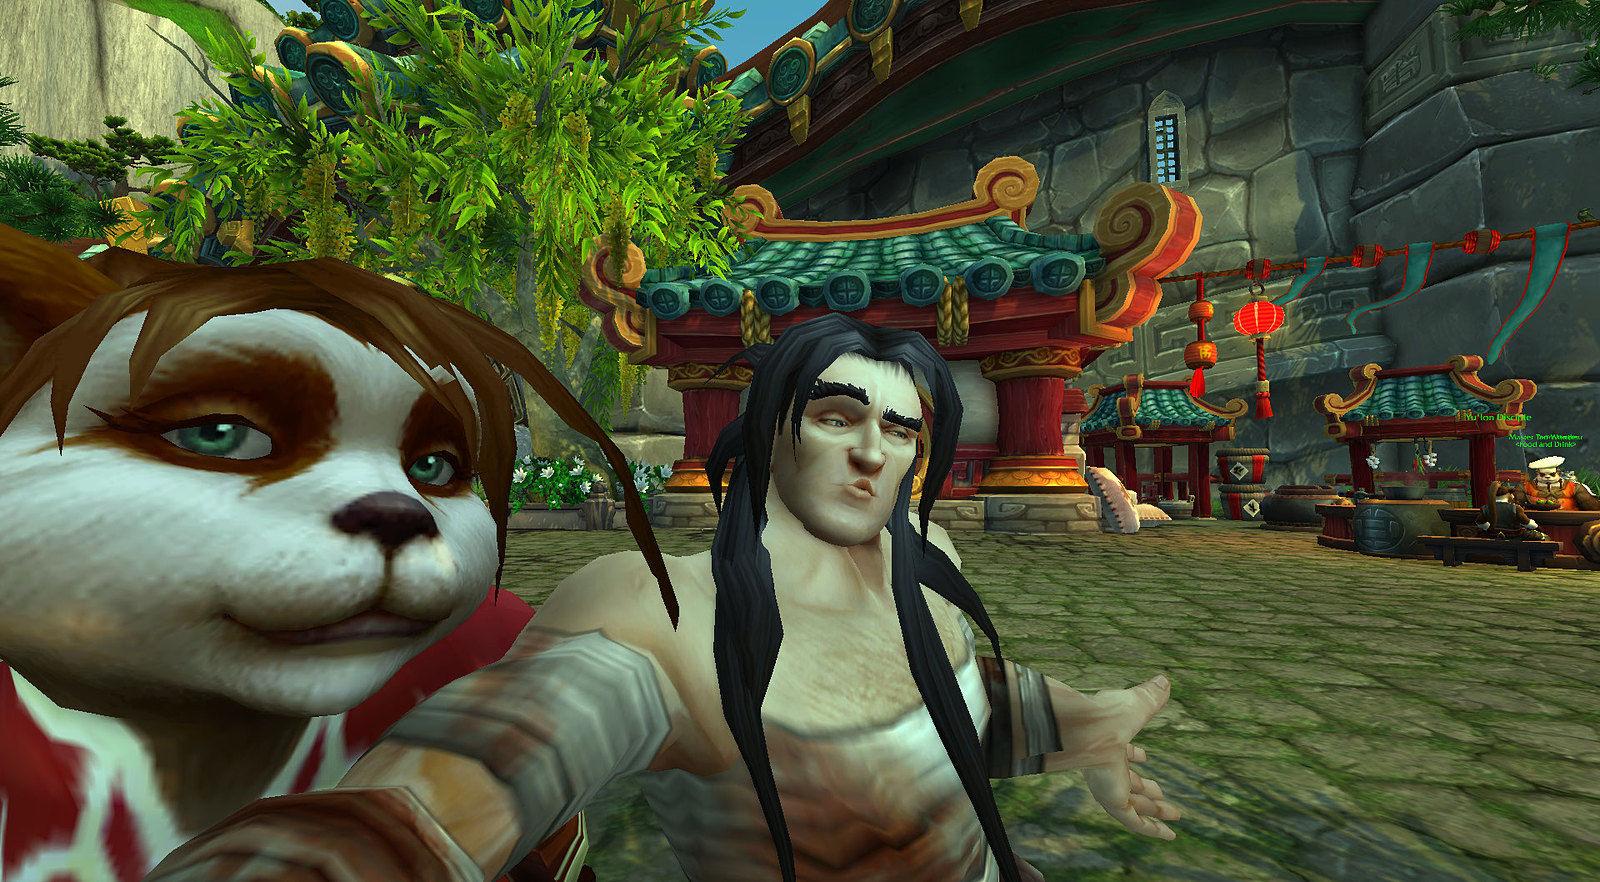 World of Warcraft: Apexis-Ausrüstung kostet mit 6.2. Gold – Fans wittern Hintergedanken Blizzards